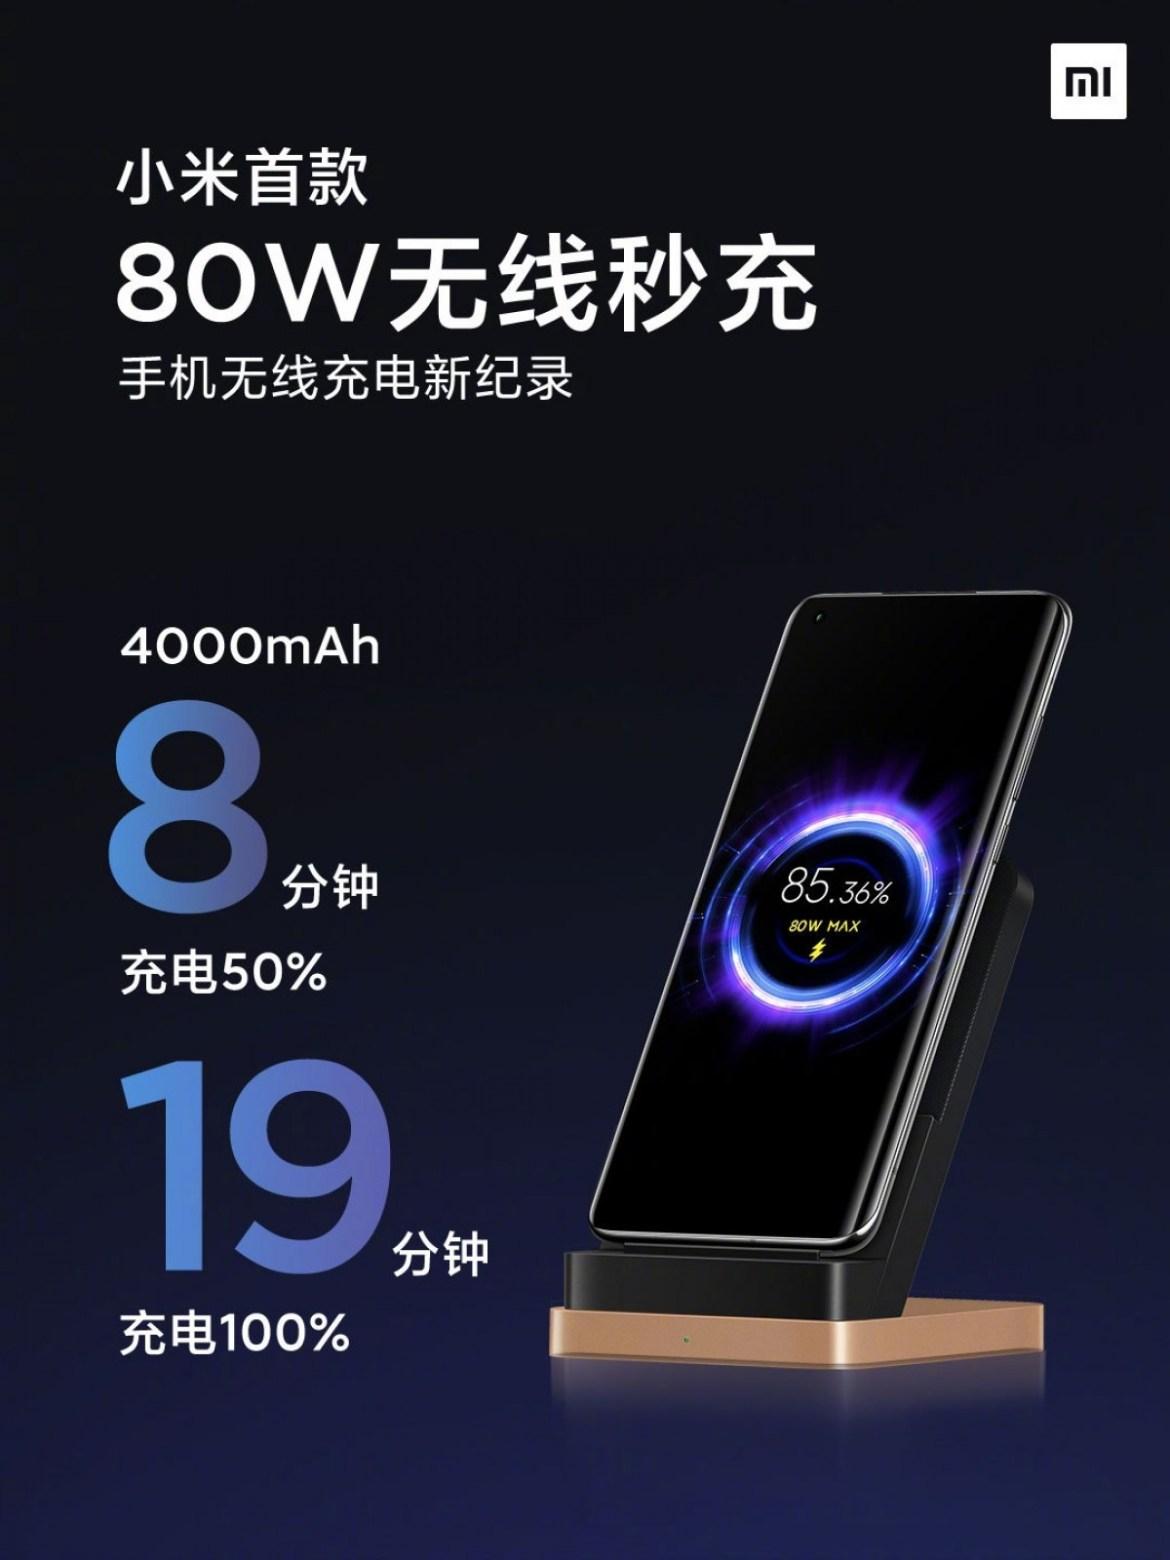 Xiaomi 80W Wireless Charge - 1